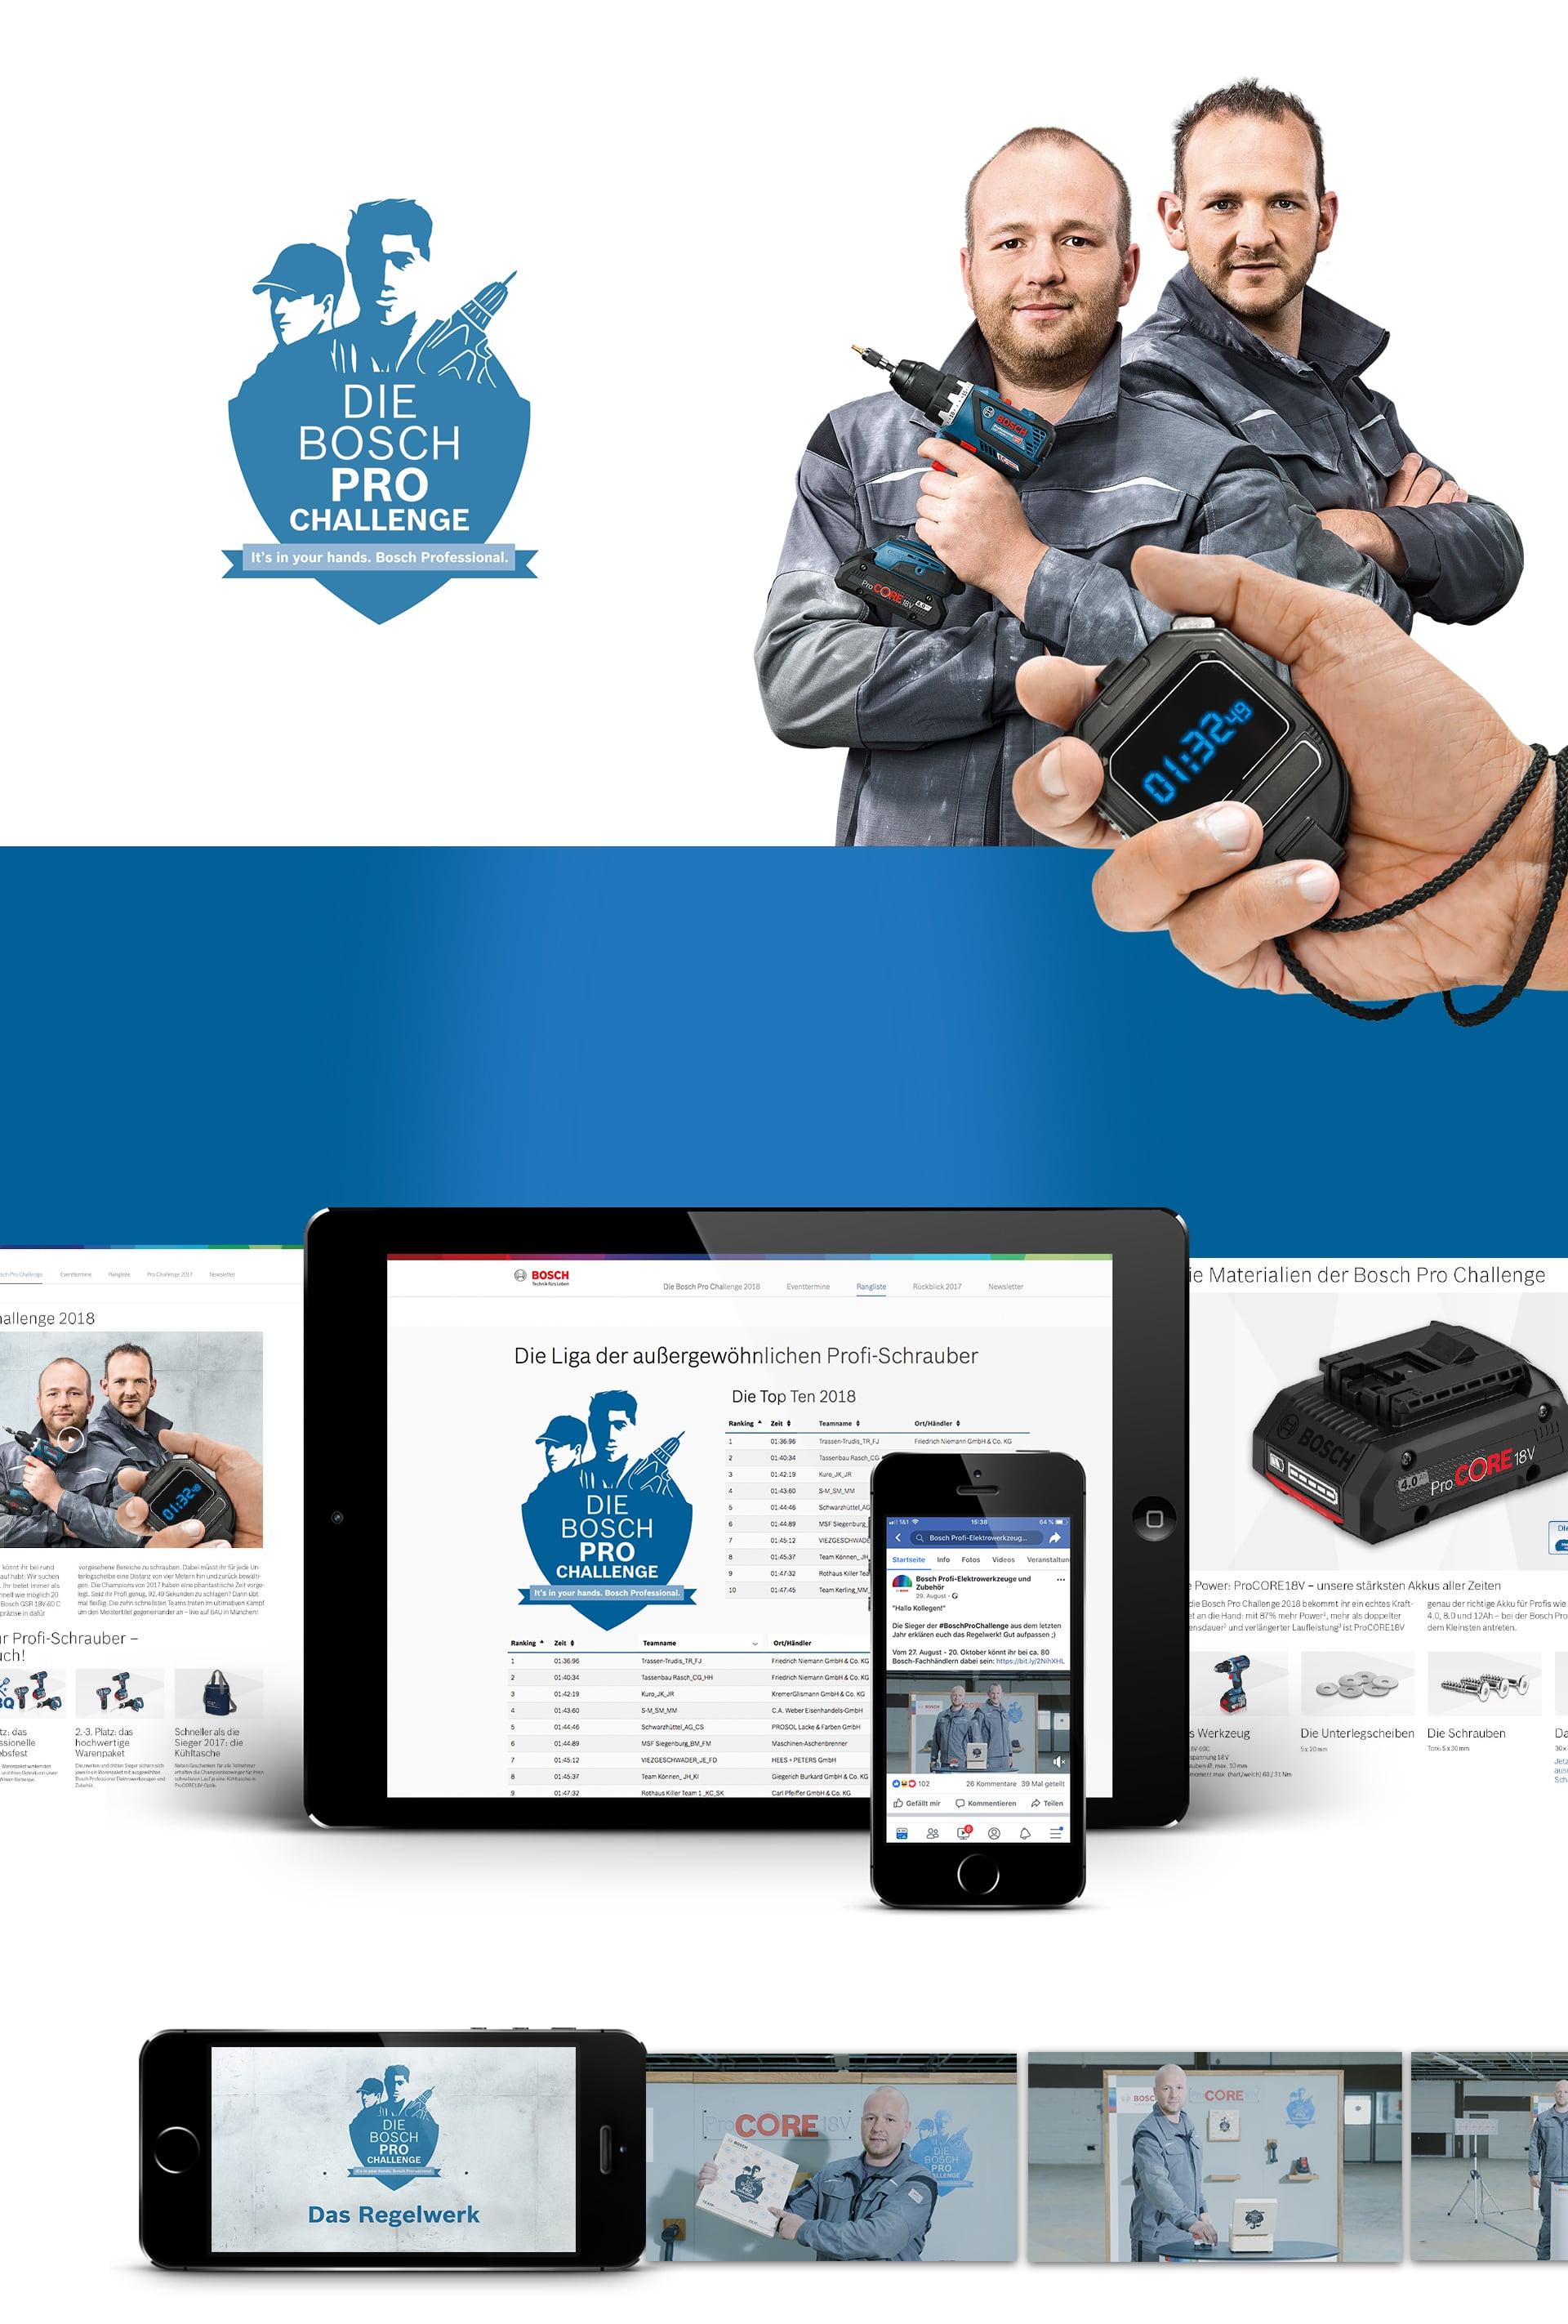 Case Bosch Pro Challenge